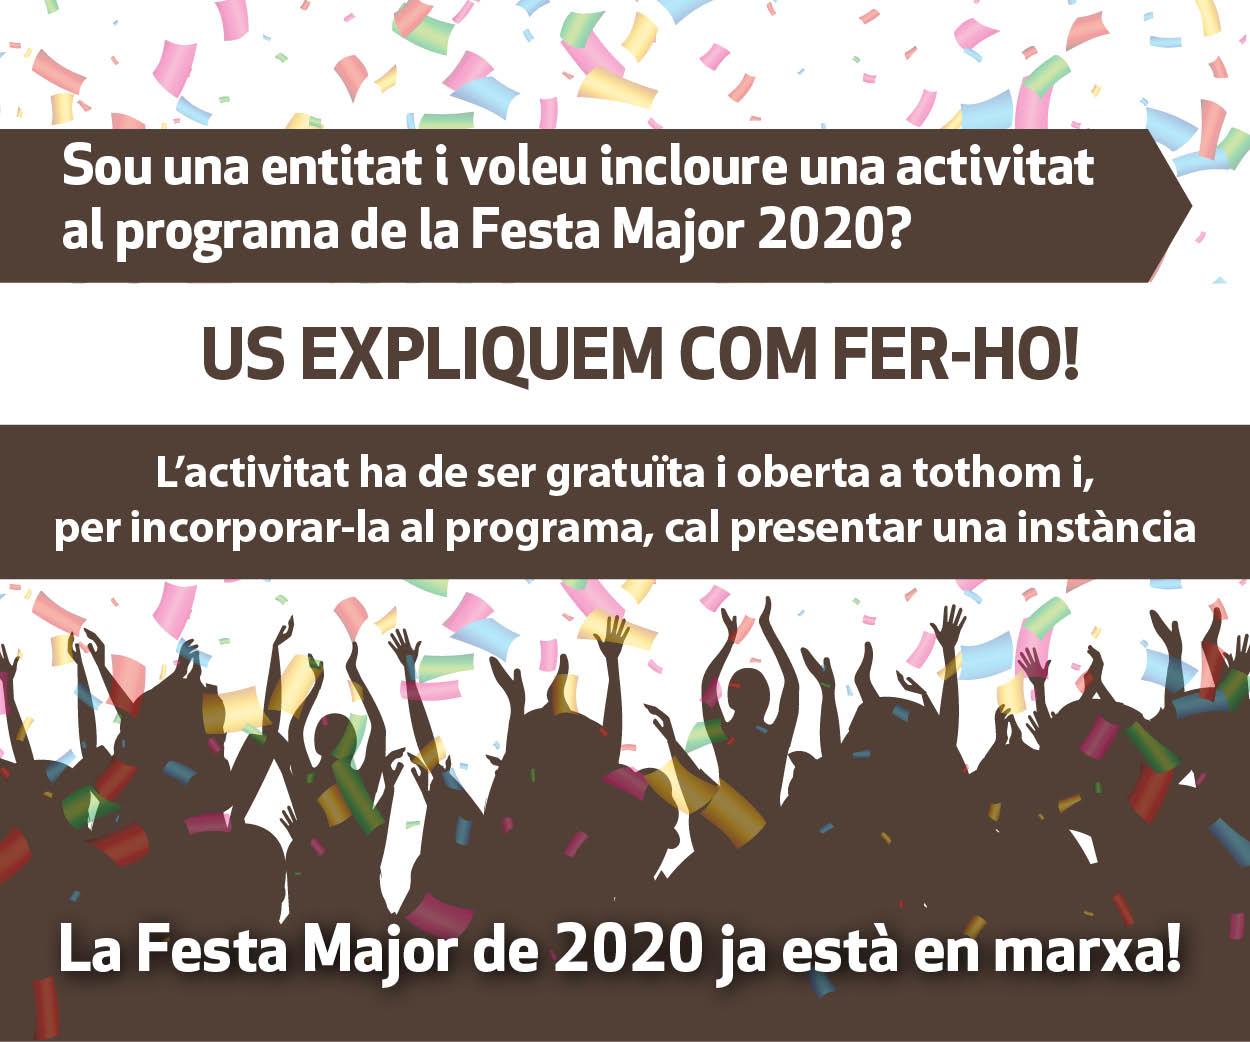 La Festa Major 2020 ja està en marxa!